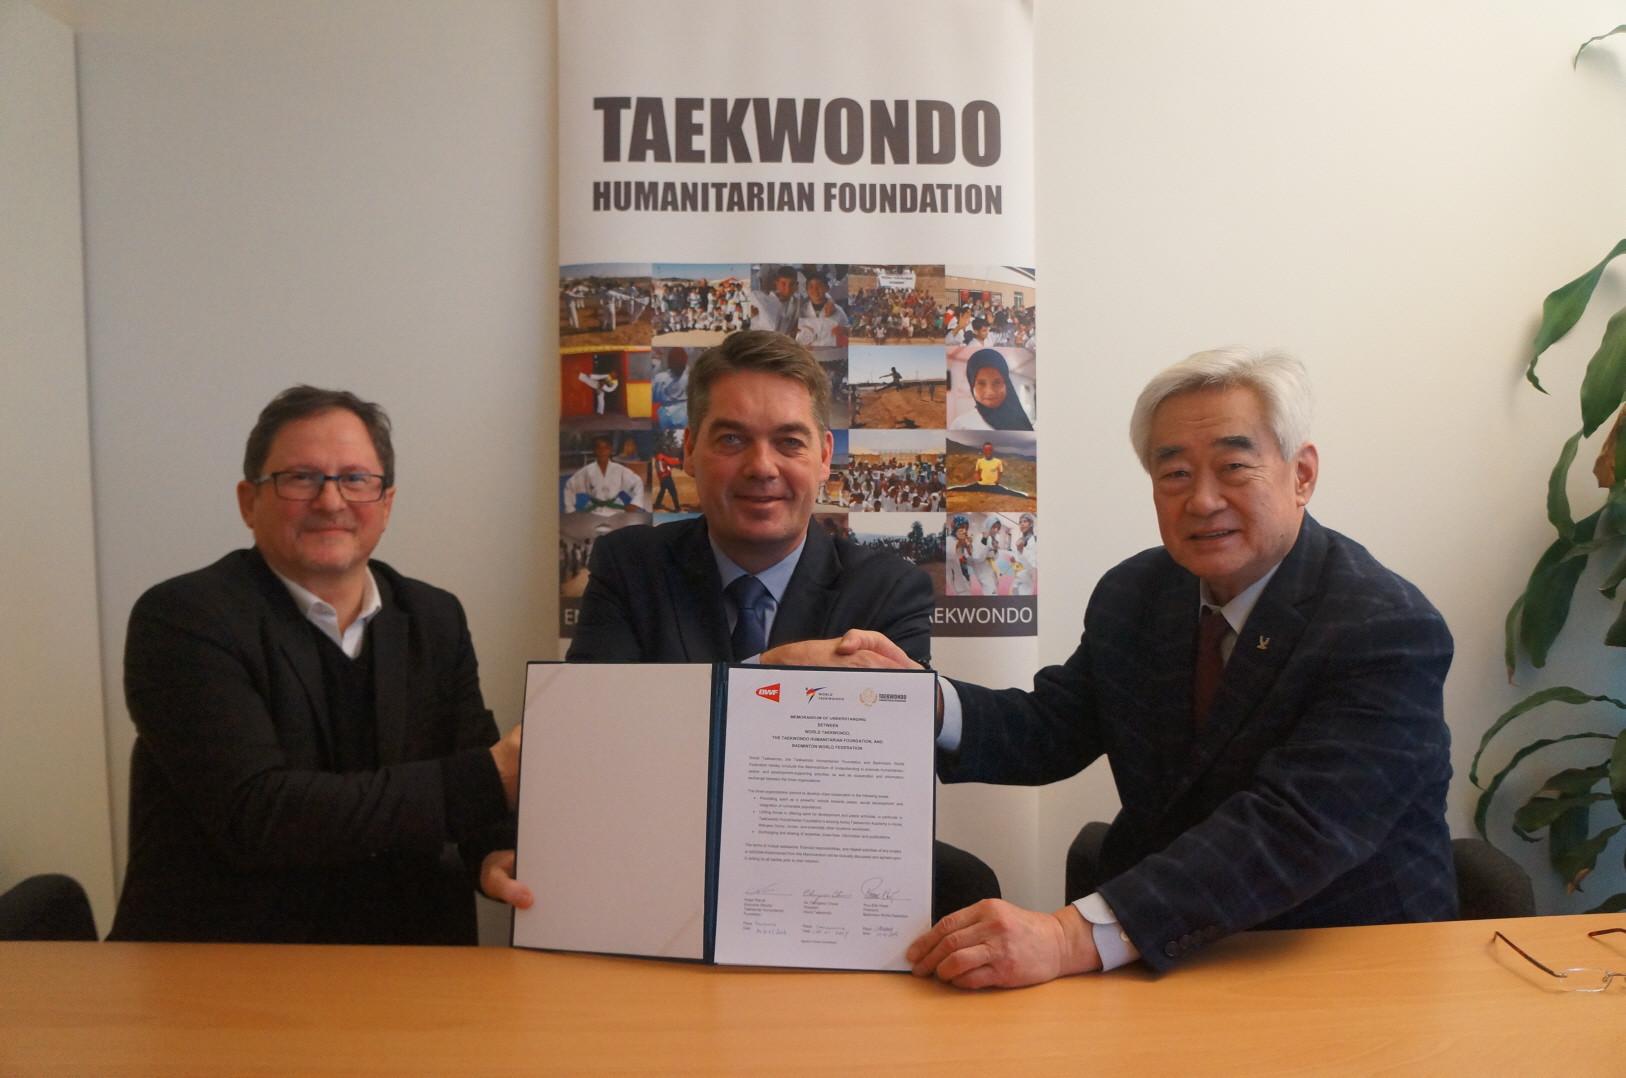 The Badminton World Federation has signed an MoU with World Taekwondo and the Taekwondo Humanitarian Foundation ©World Taekwondo